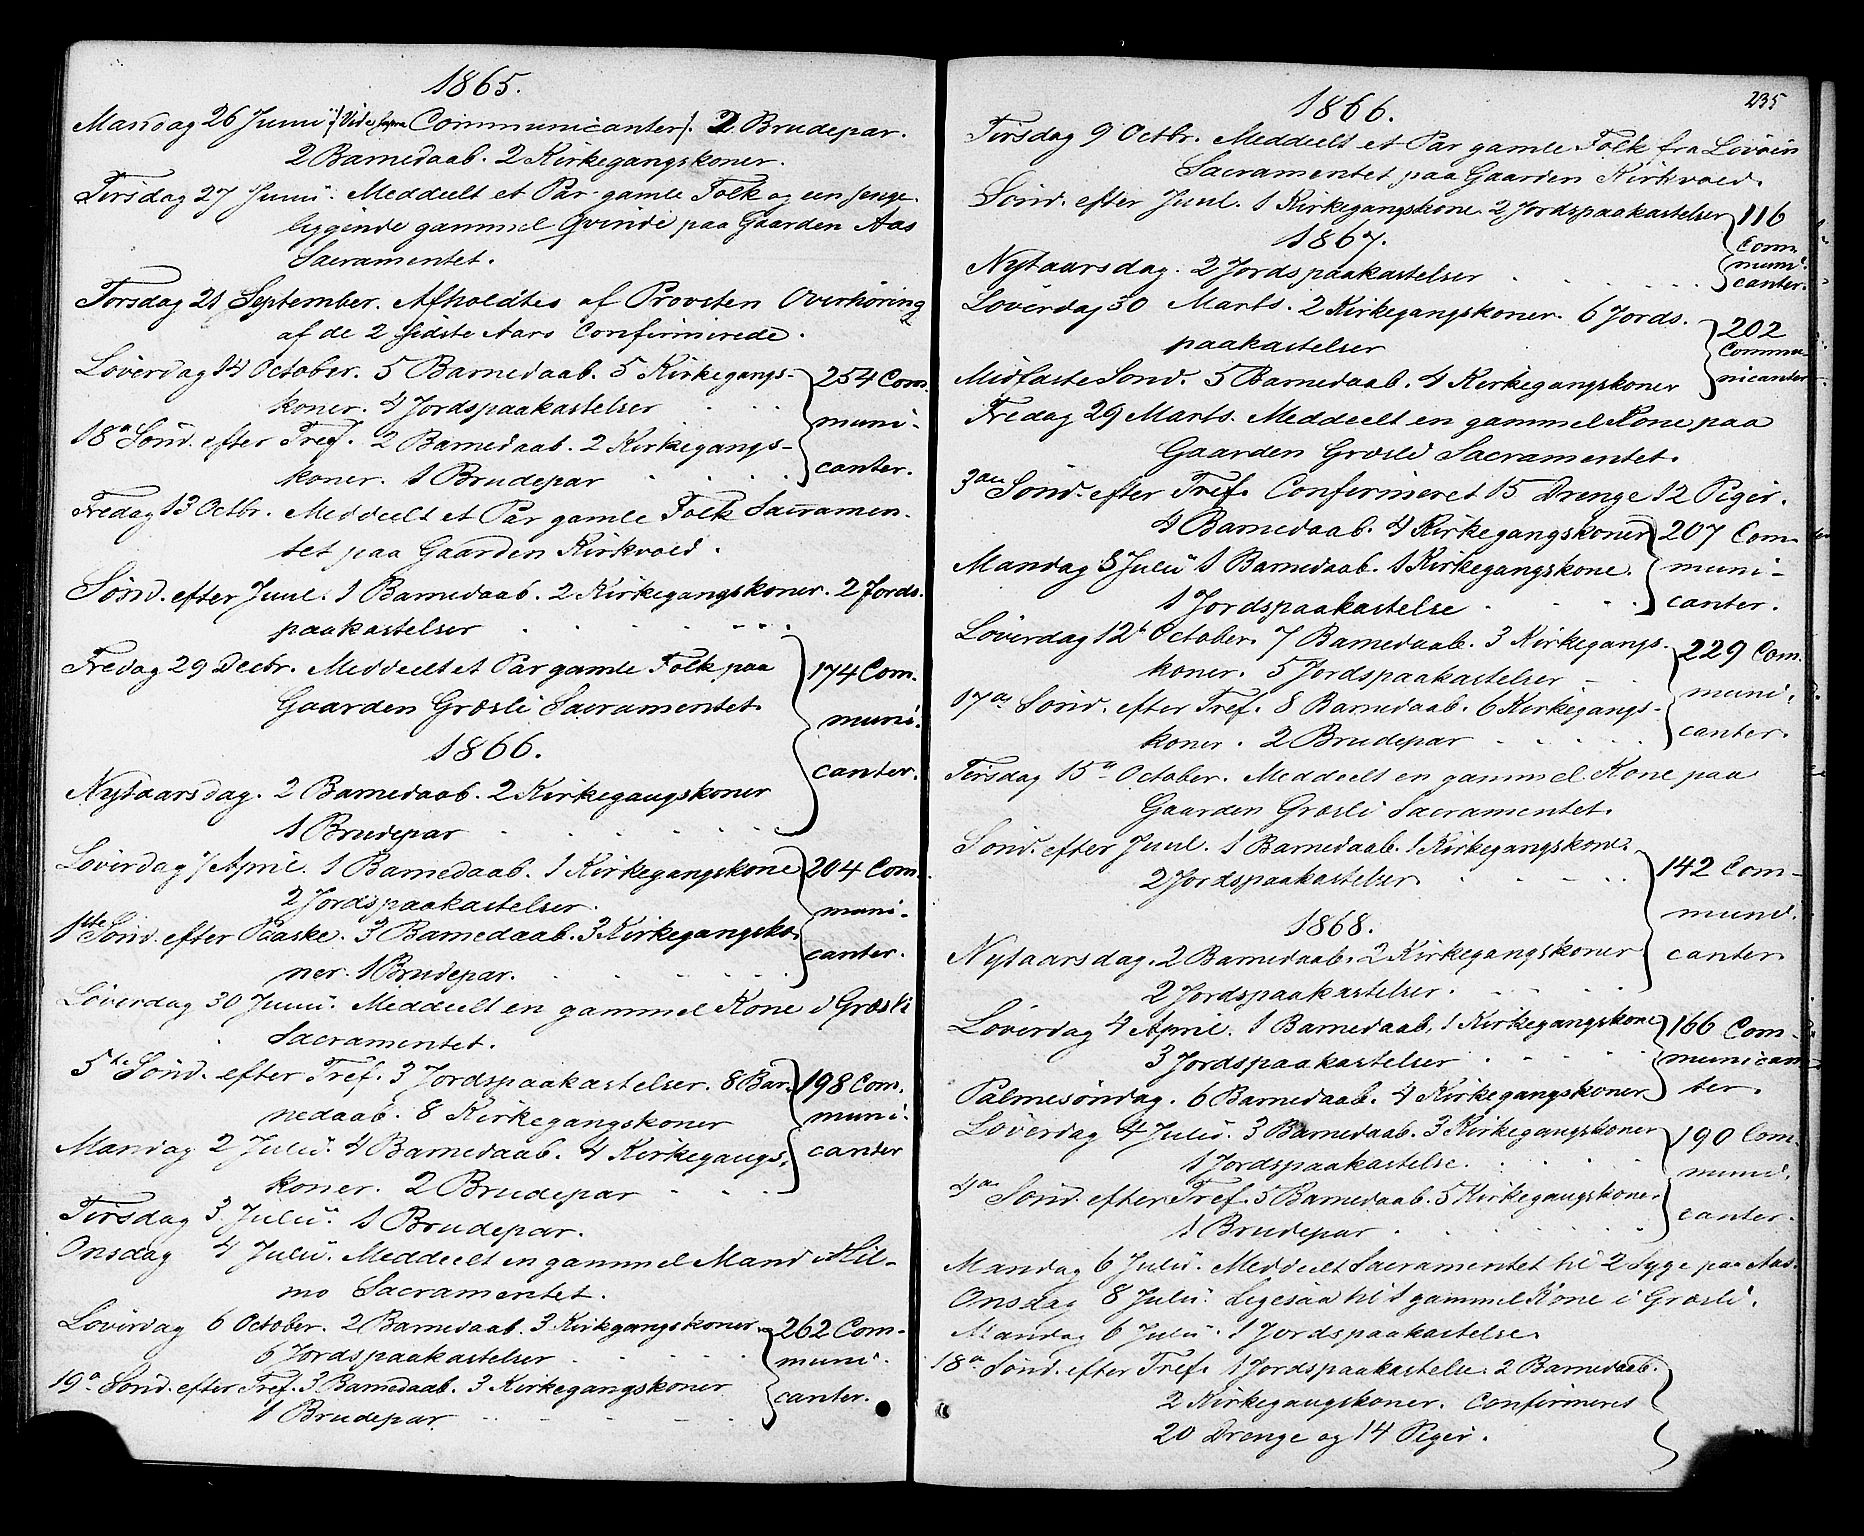 SAT, Ministerialprotokoller, klokkerbøker og fødselsregistre - Sør-Trøndelag, 698/L1163: Ministerialbok nr. 698A01, 1862-1887, s. 235